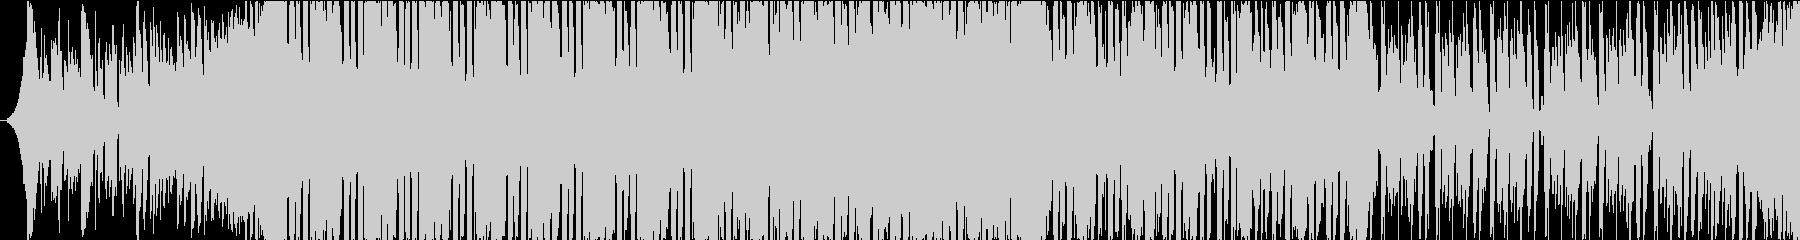 激しいピアノループ物の未再生の波形